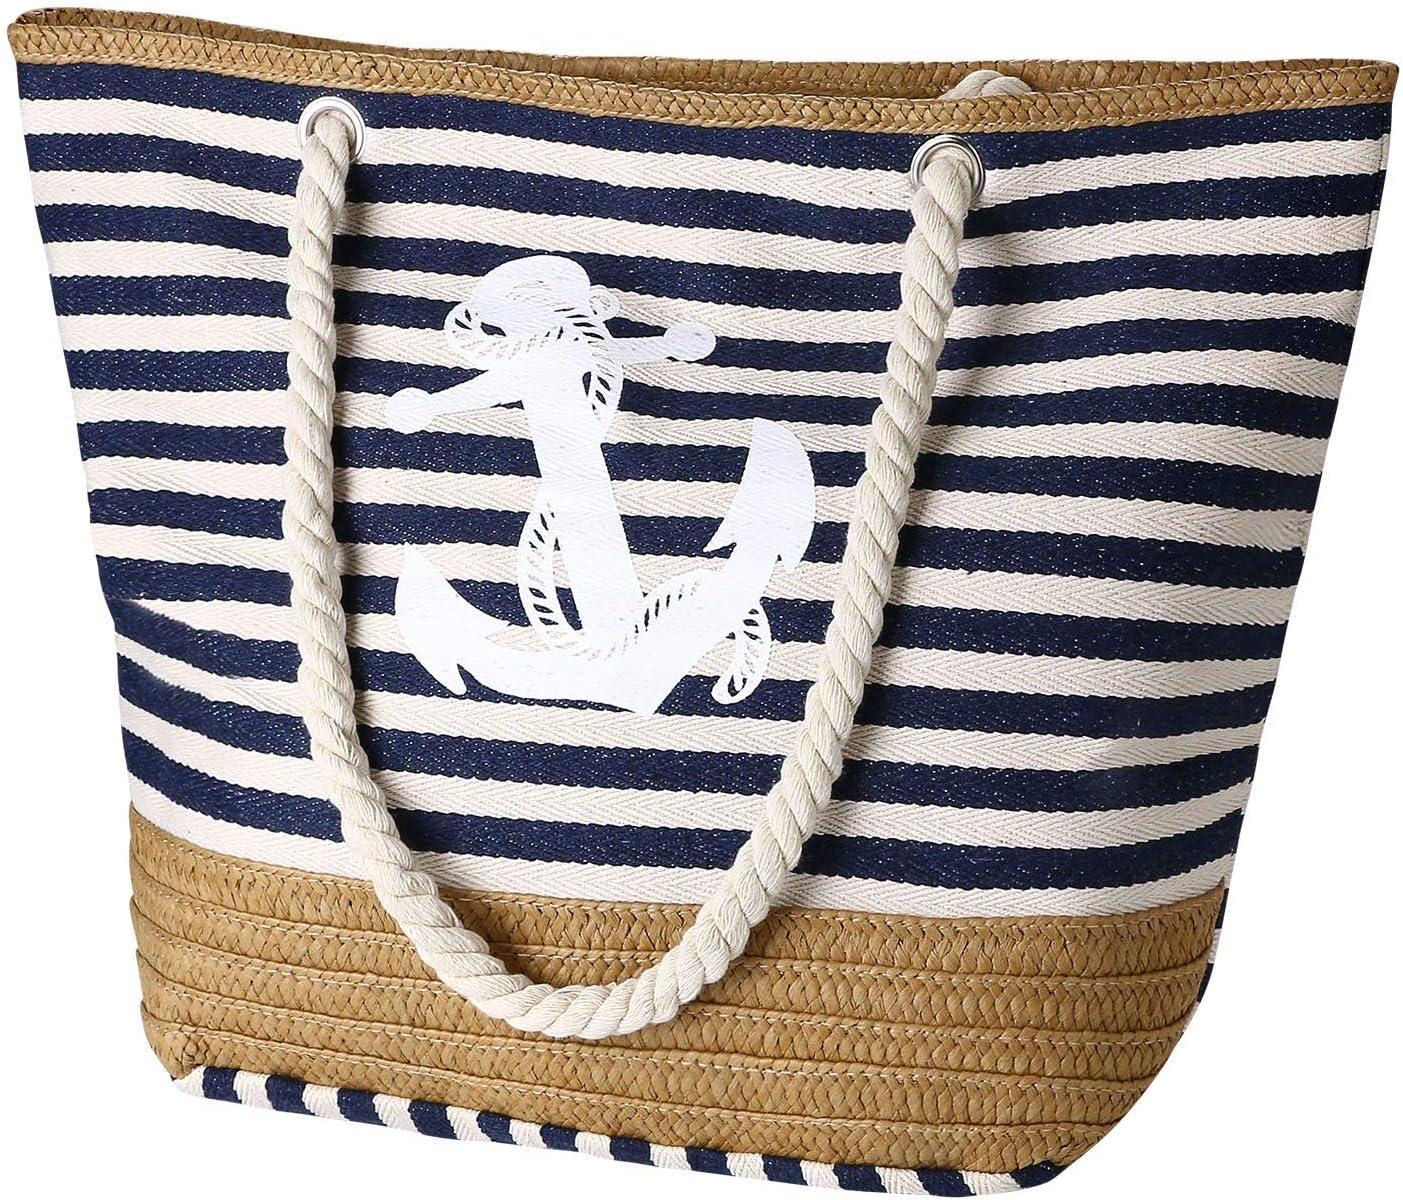 flintronic® Bolsa de Playa para Mujer, Totalizador de Lona de Verano, Bolso Grande con Asa de Cuerda para Playa, día de Fiesta, Compras, Viajes Diseño del Patrón de Anclaje - La Marina